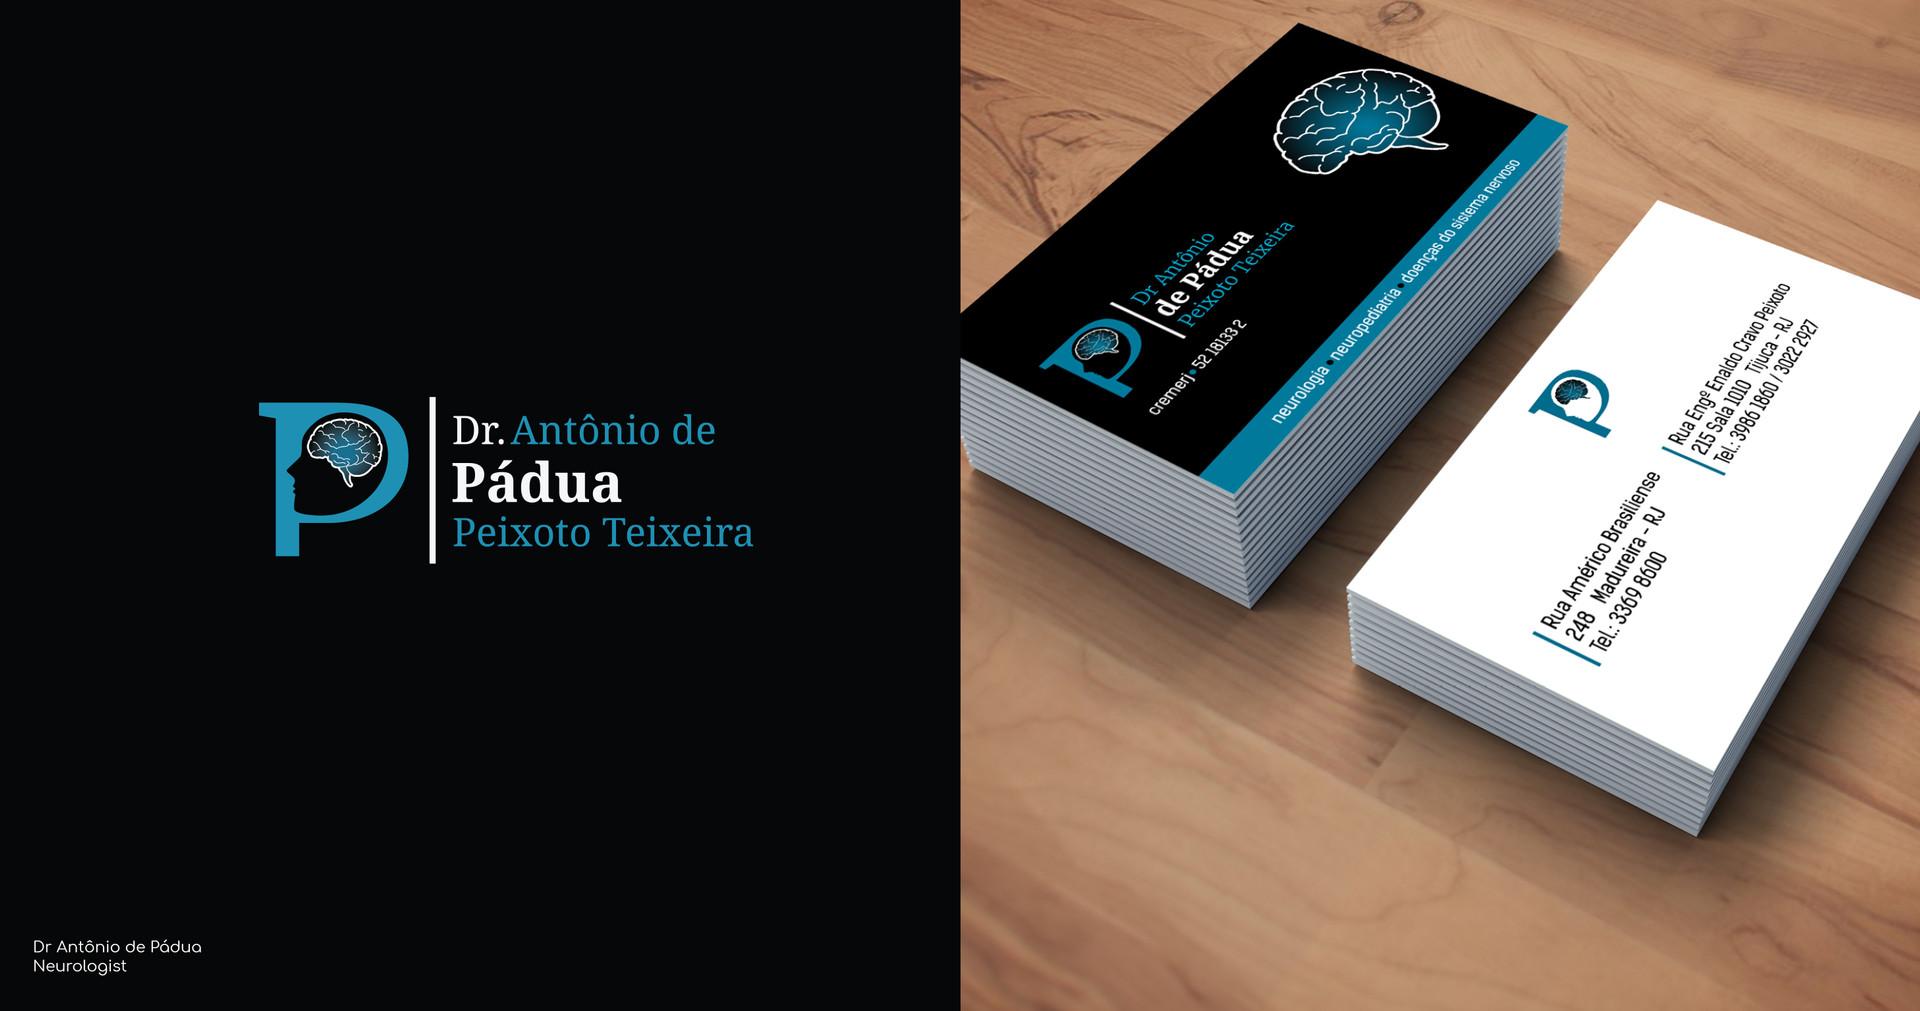 LOGOFOLIO_SAUDE_Padua.jpg